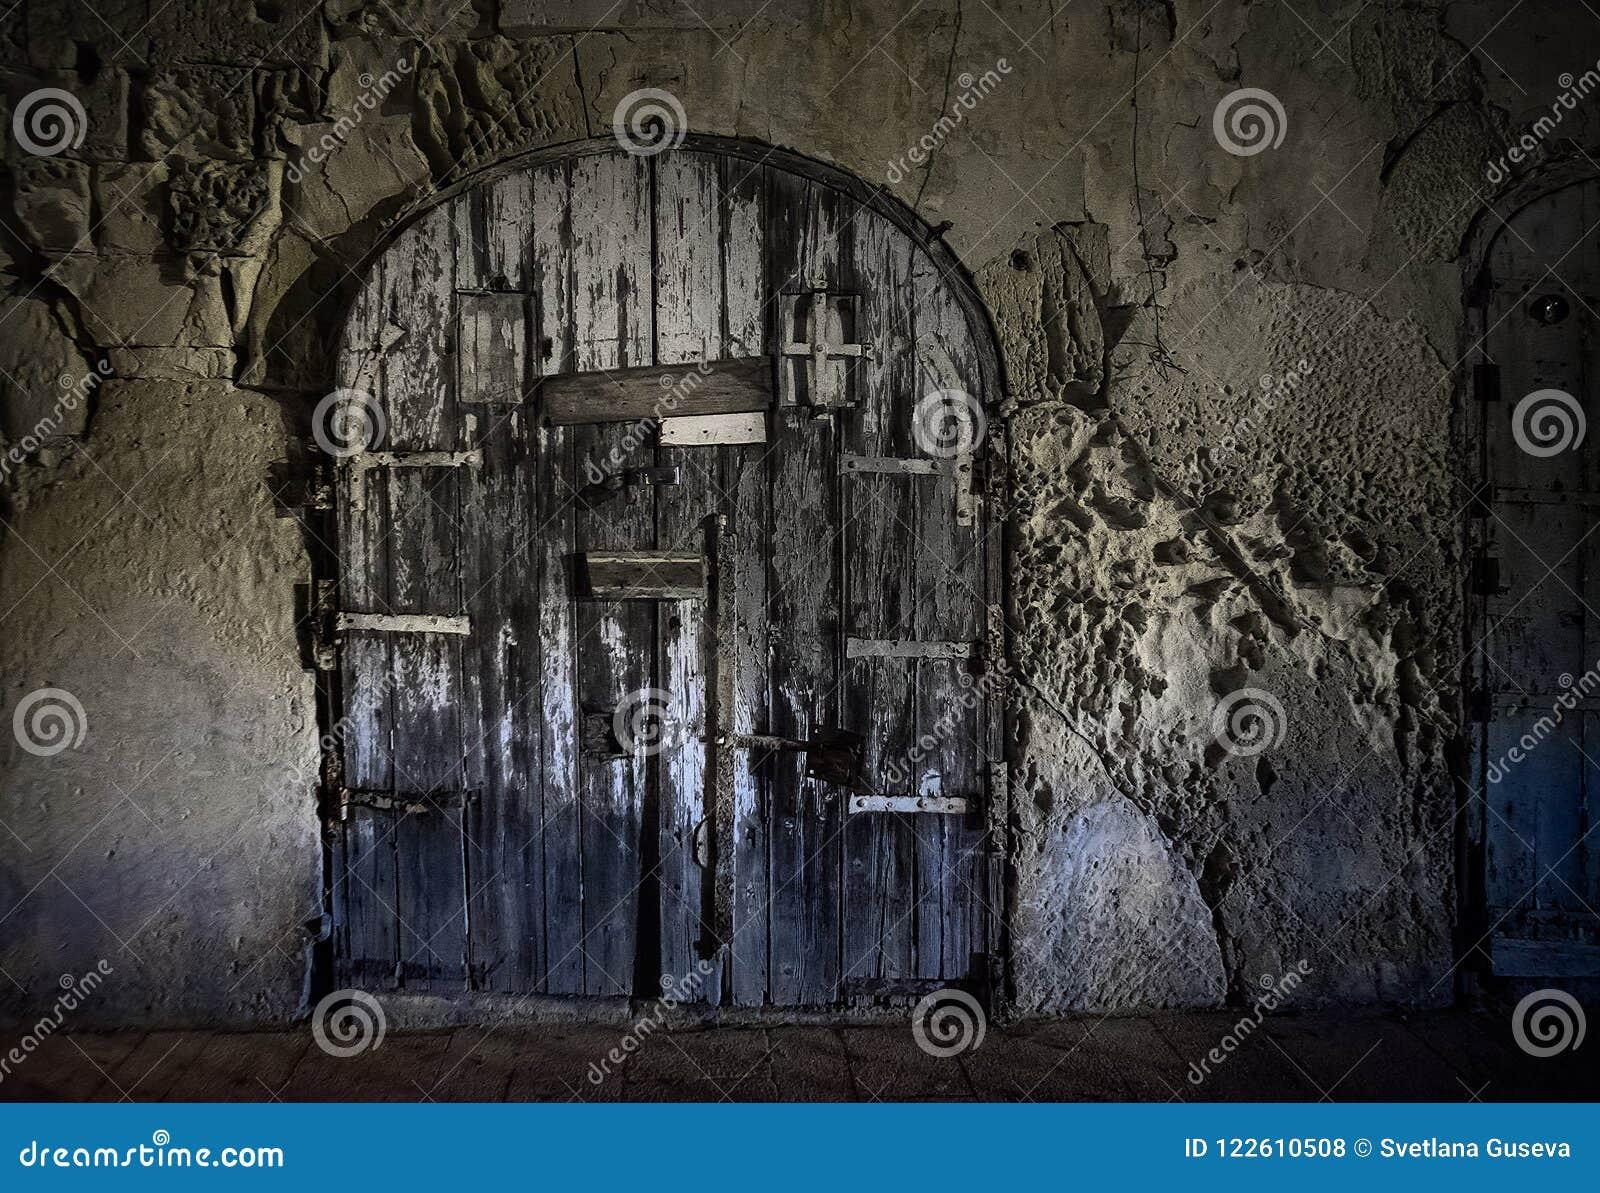 El a puerta cerrada melancólico de la ciudad de La Valeta malta